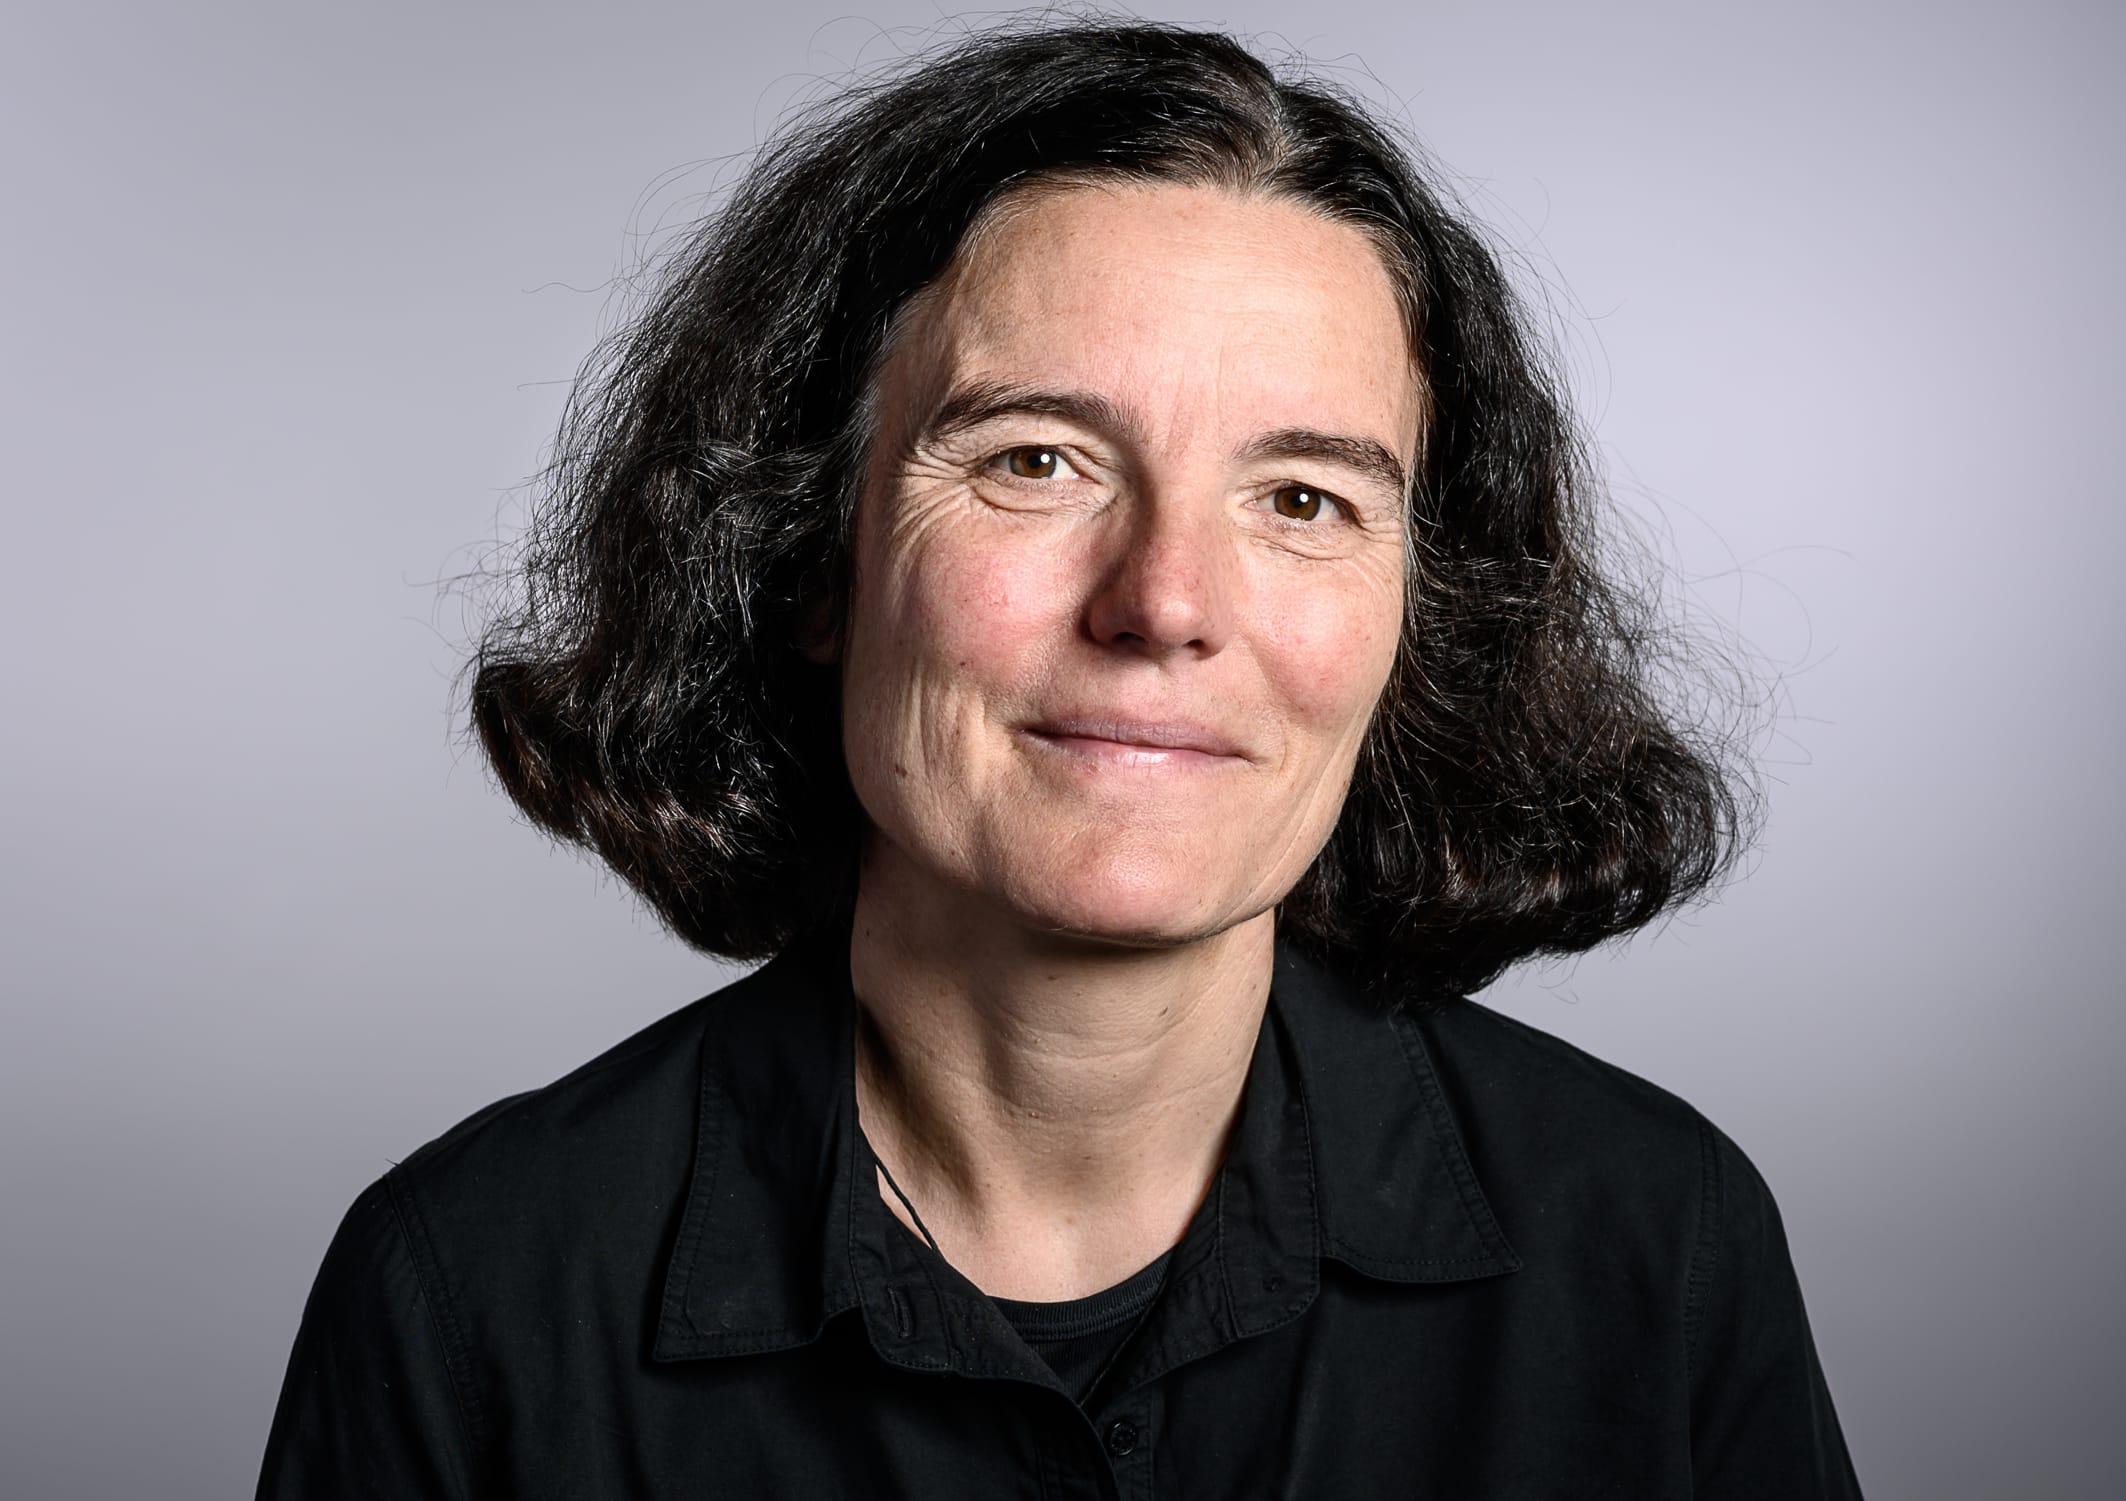 portrait Foto von Dorothea Schubert